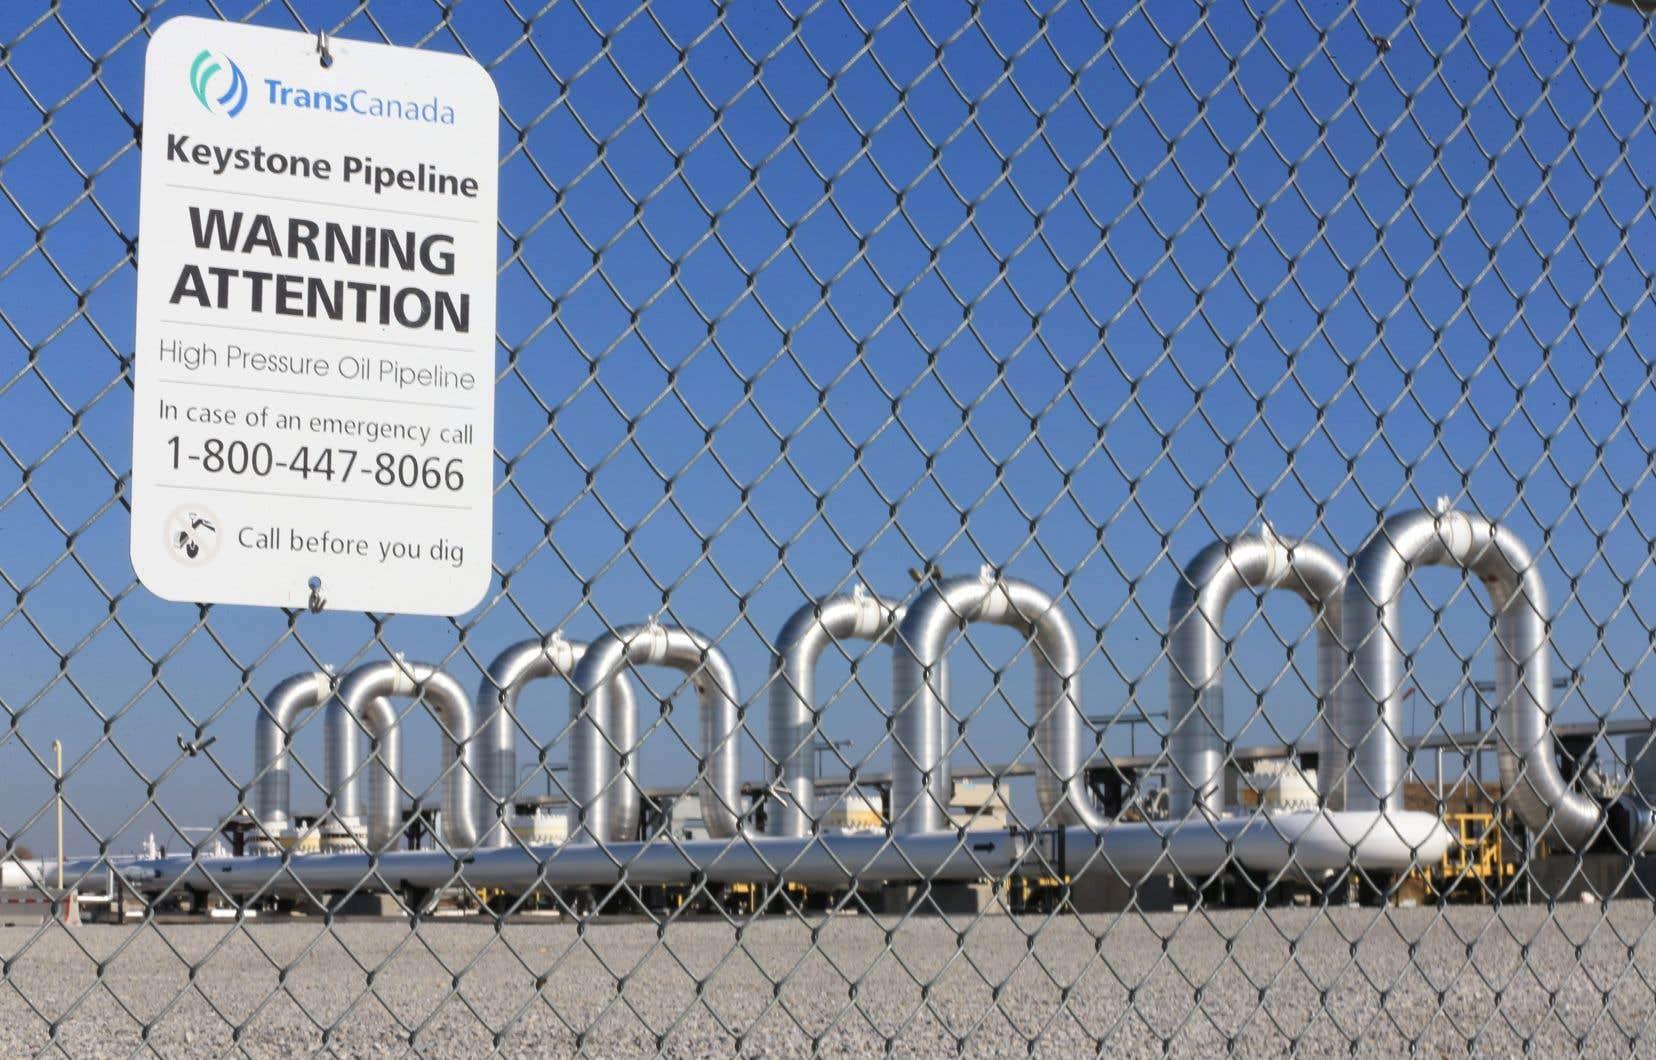 Keystone XL, un oléoduc de 1897 kilomètres, transporterait jusqu'à 830000 barils de pétrole brut par jour entre Hardisty, en Alberta, et Steele City, dans le Nebraska.